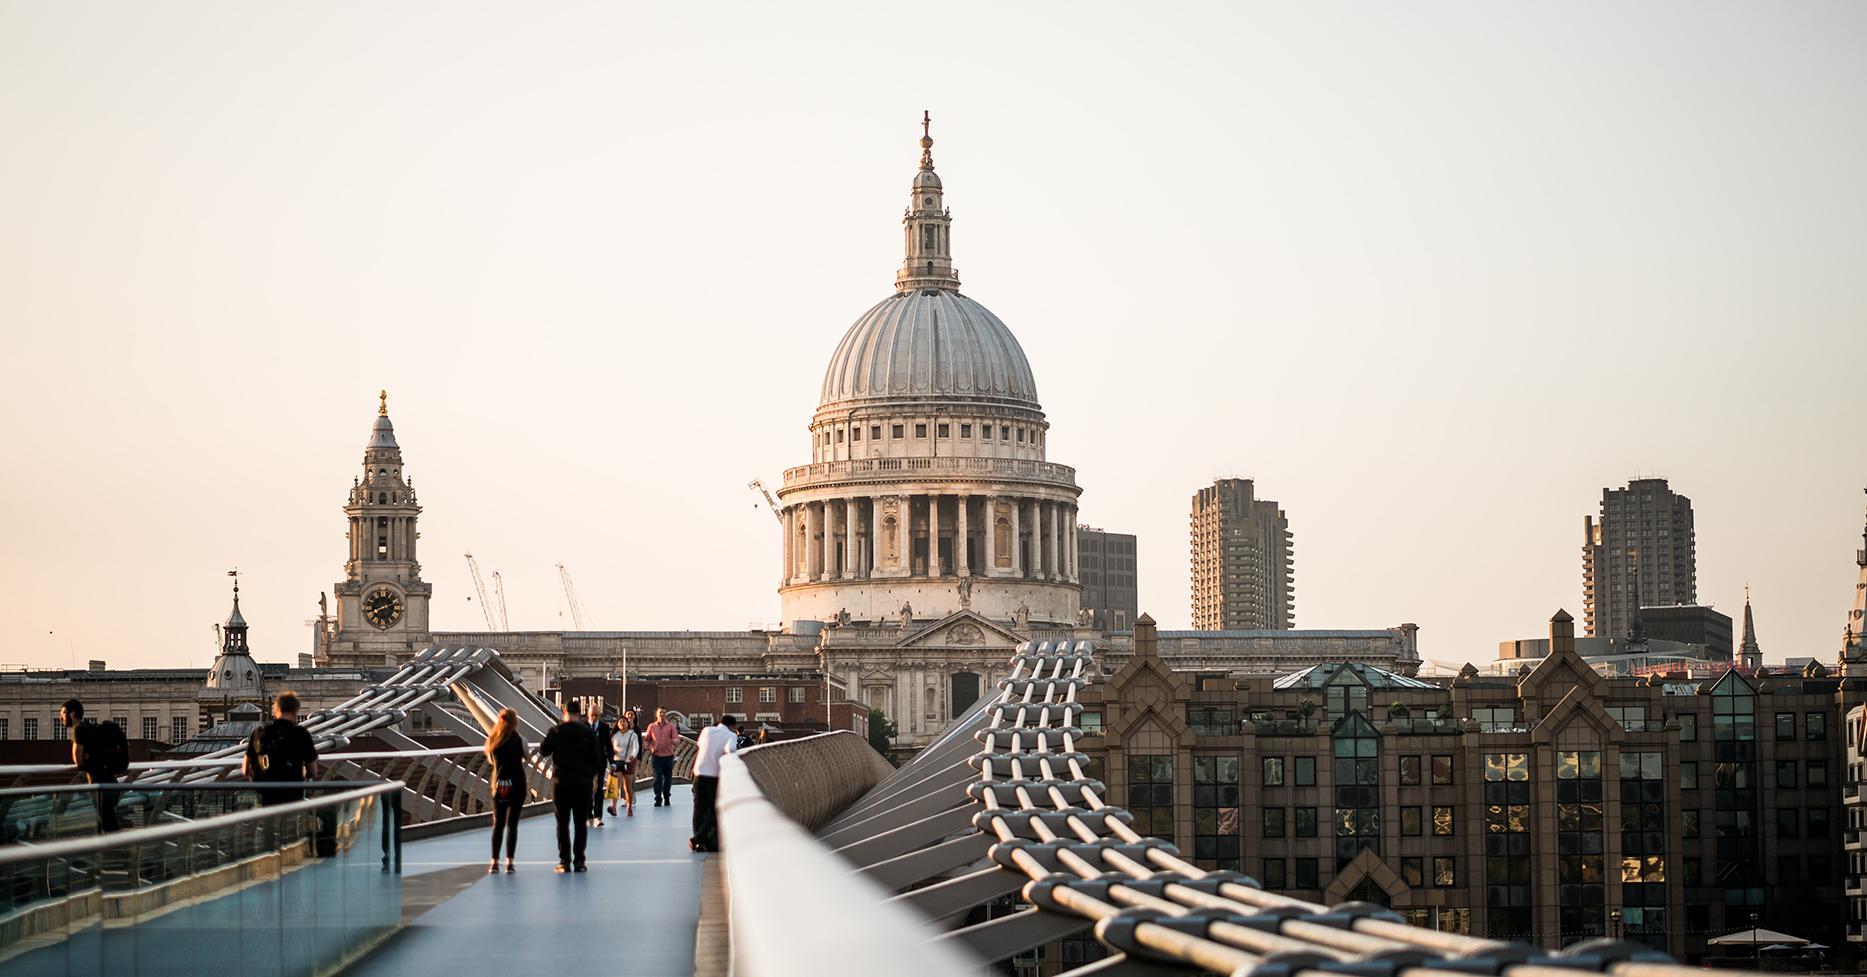 Millennium Bridge London mit Sicht auf St. Paul's Cathedral